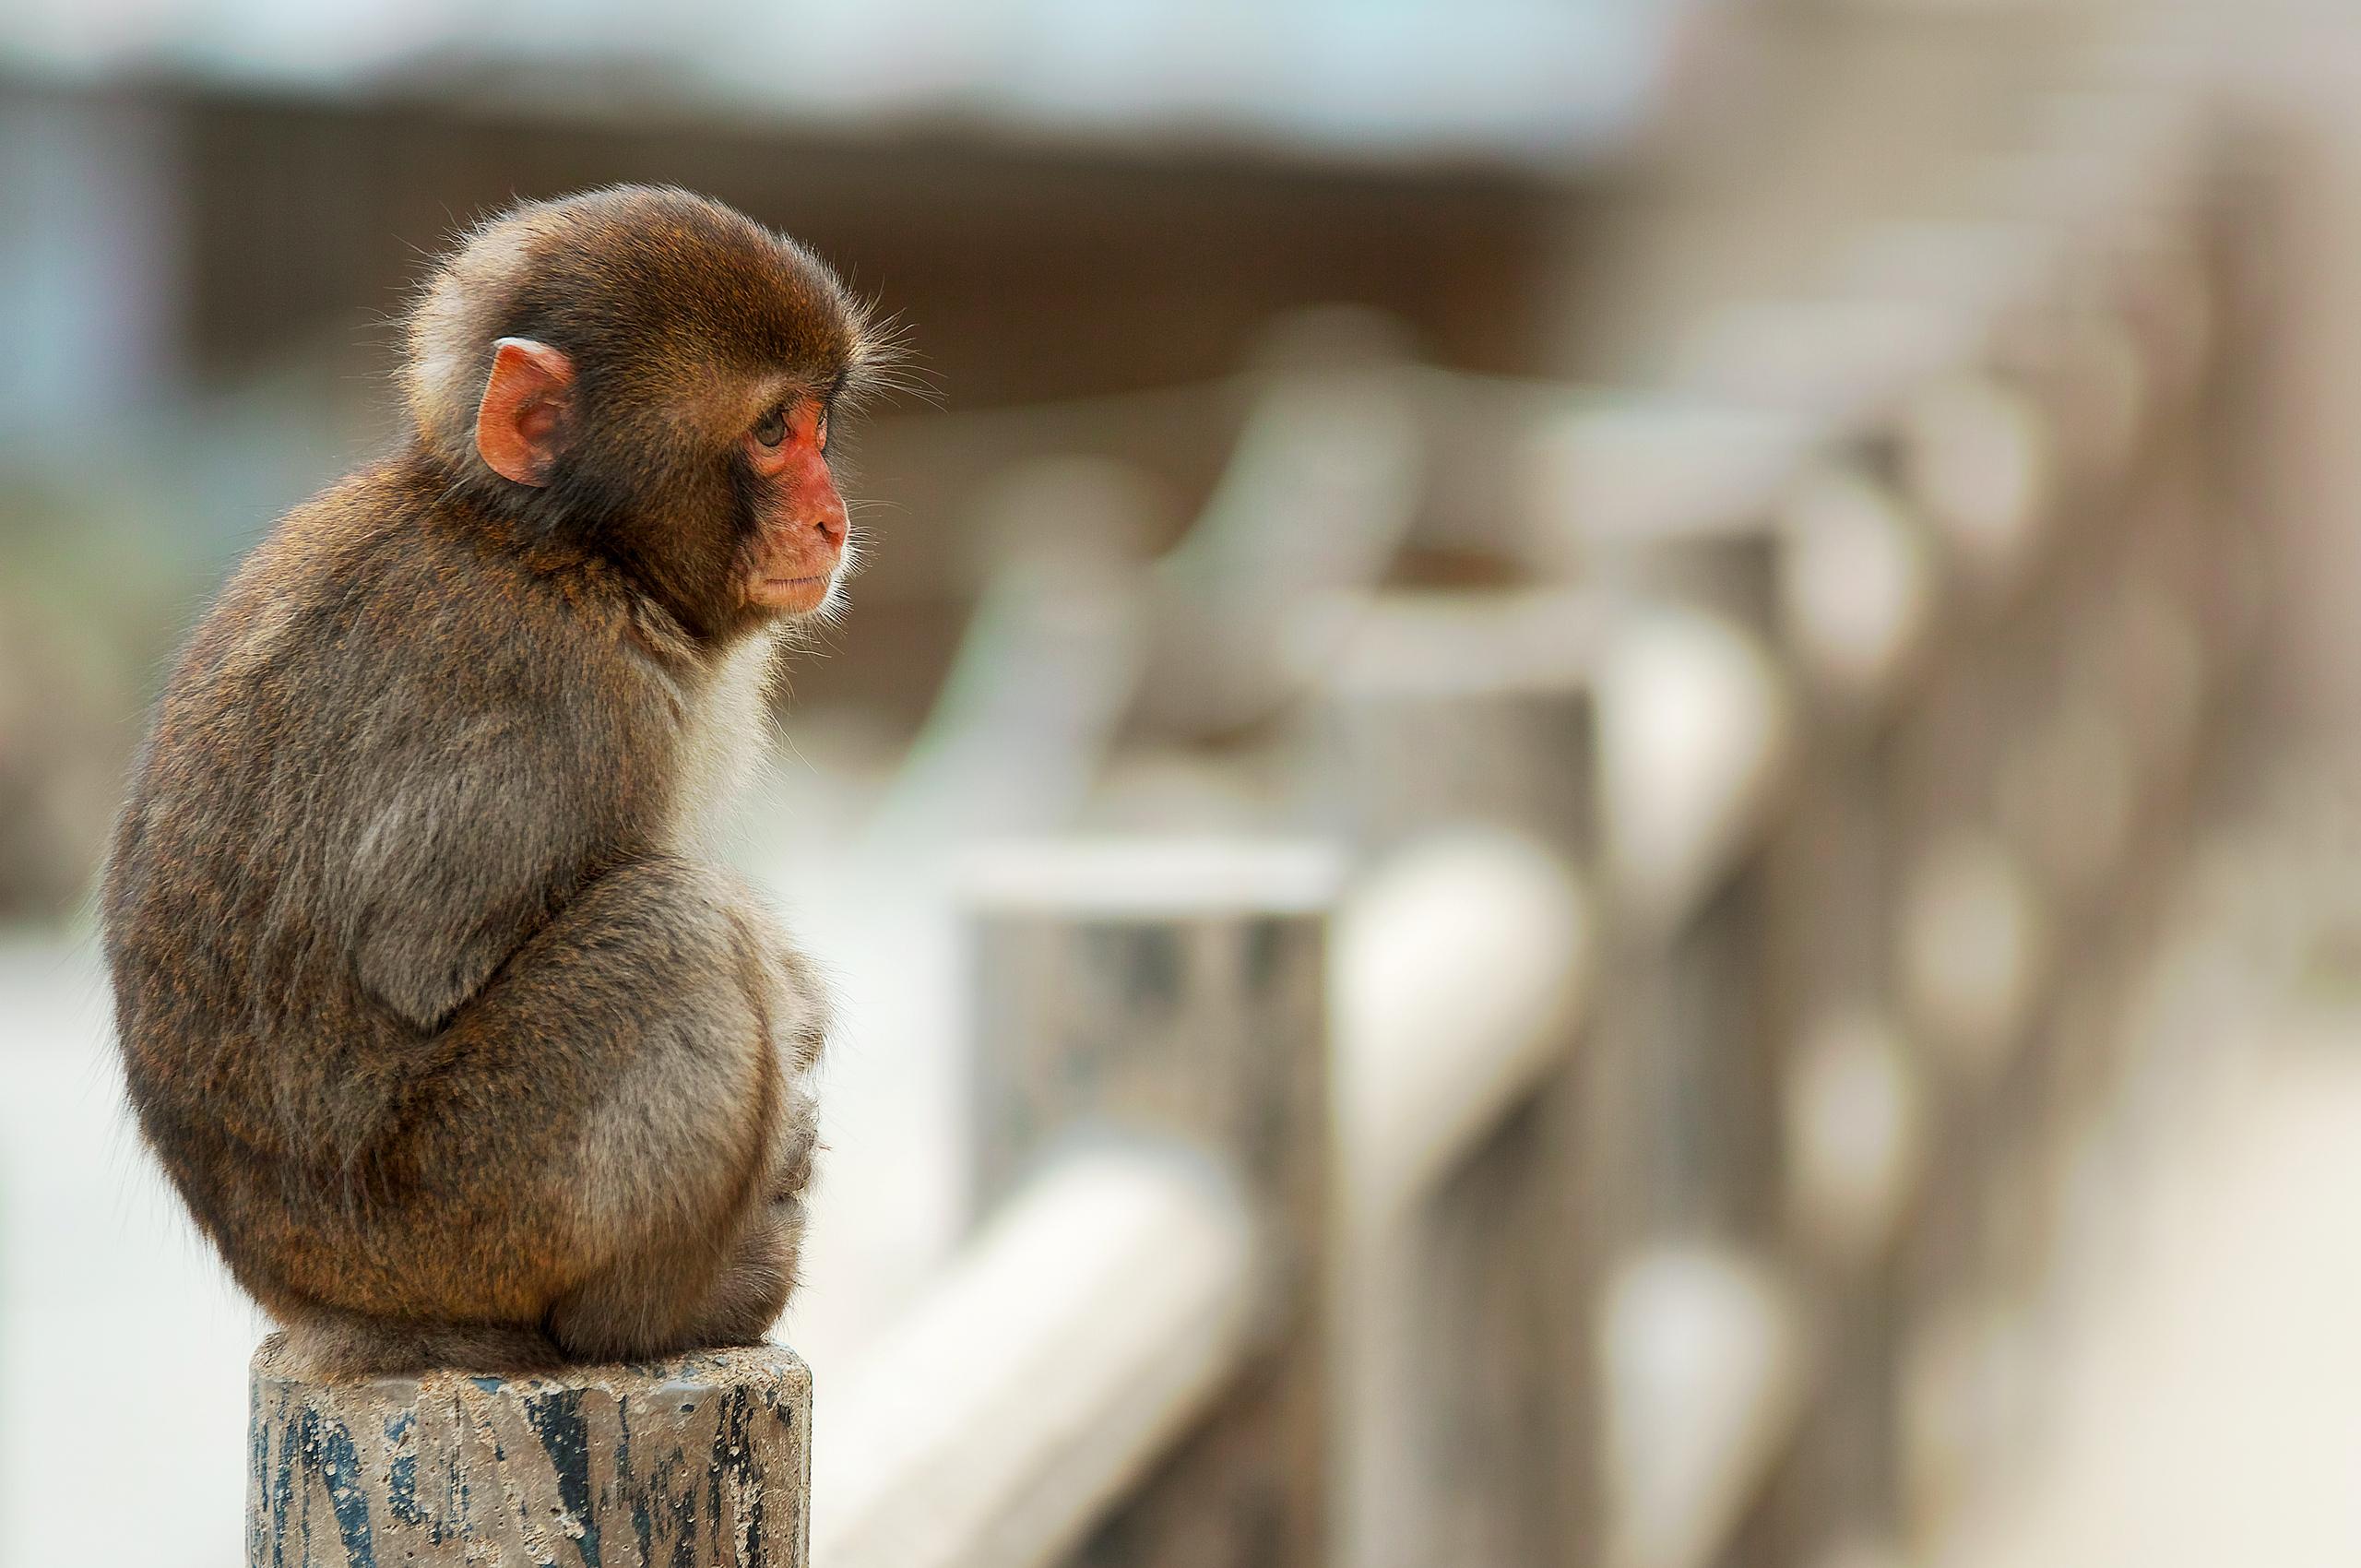 популярных прикольные обезьяны картинки на рабочий стол на весь экран школьных